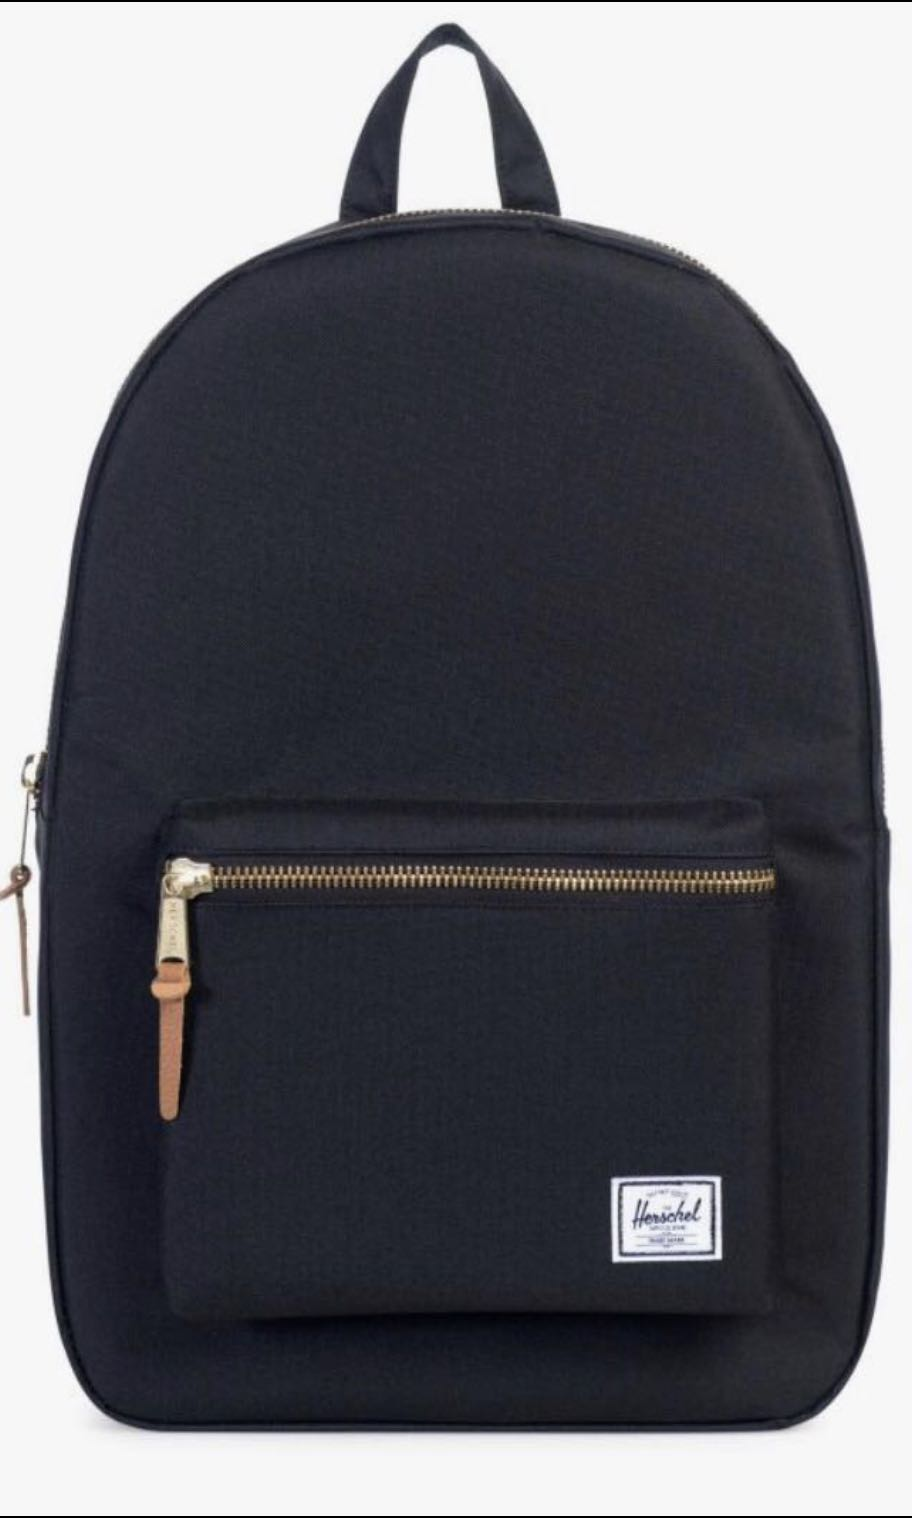 a8766072401 Herschel Settlement backpack - Black